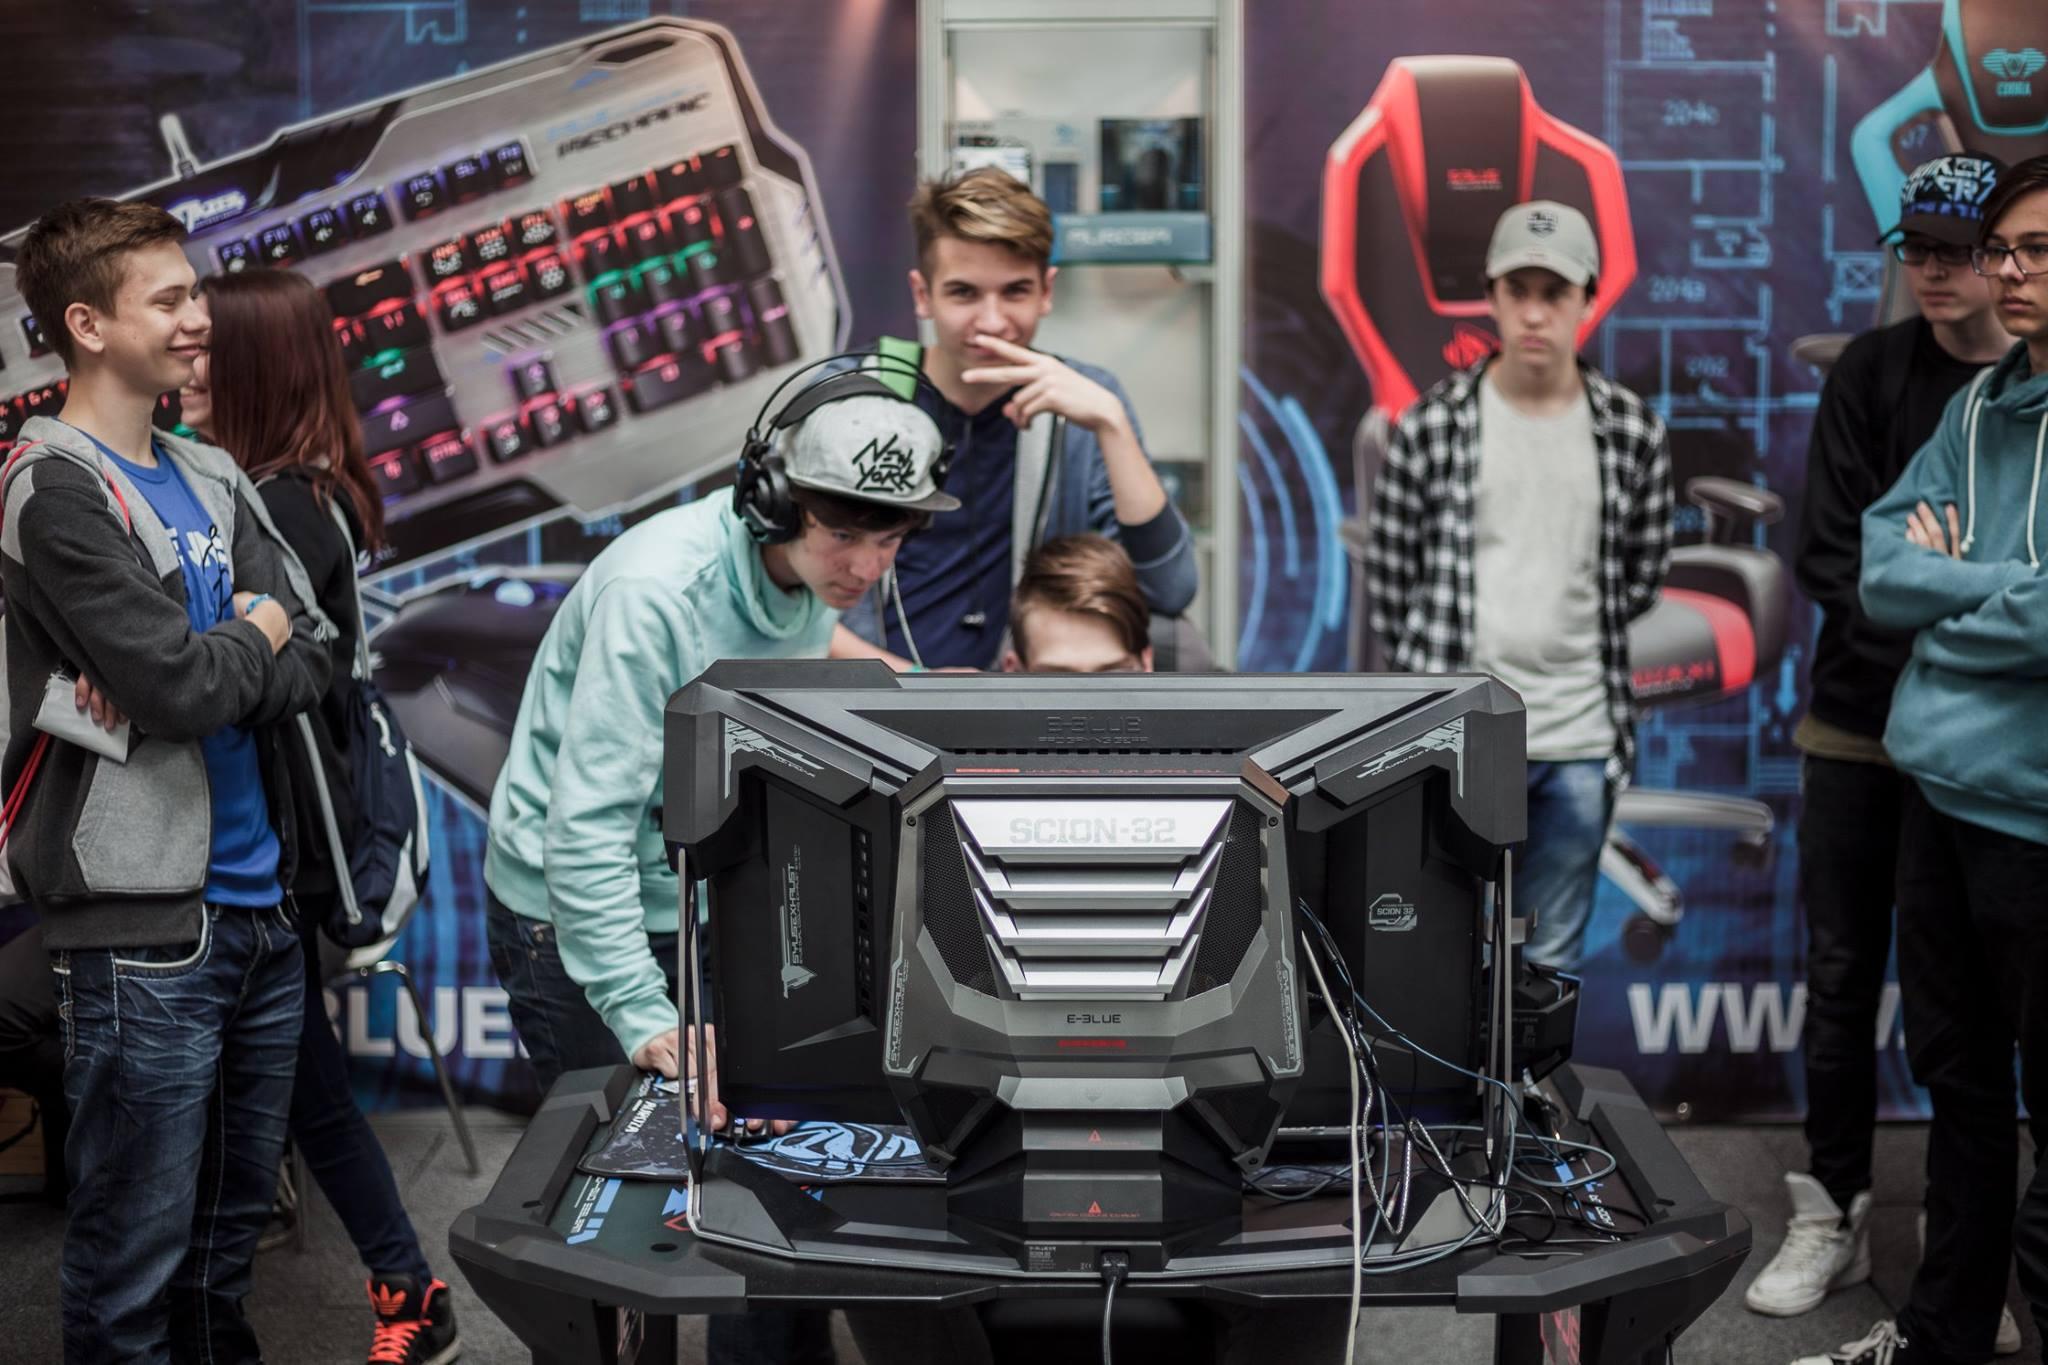 [súťaž] TPD Majstrovstvá Slovenska v elektronických športoch s bohatým sprievodným programom už tento víkend 9